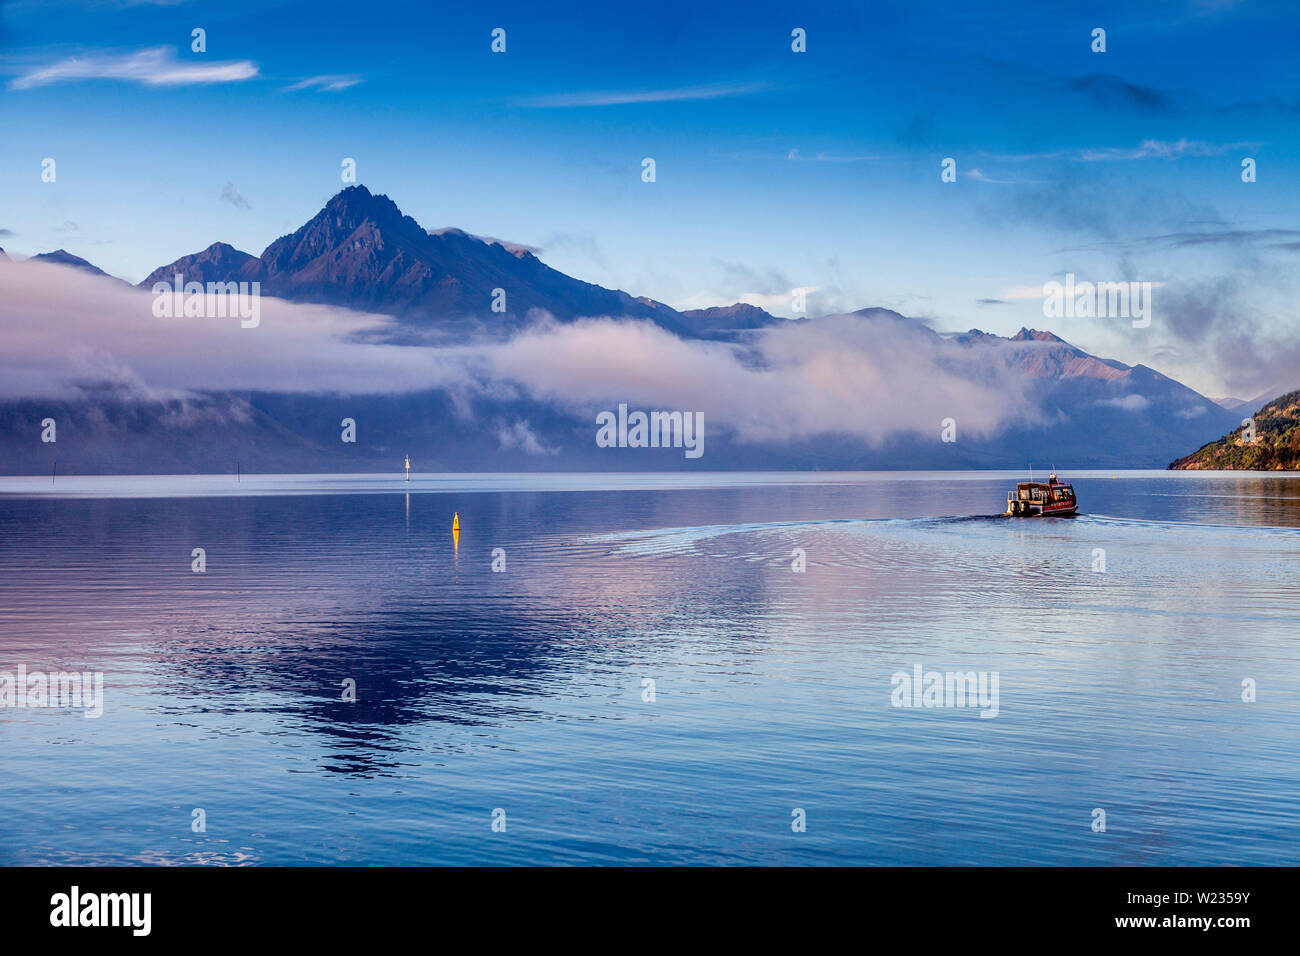 Le lac Wakatipu, Queenstown, Otago, île du Sud, Nouvelle-Zélande Banque D'Images